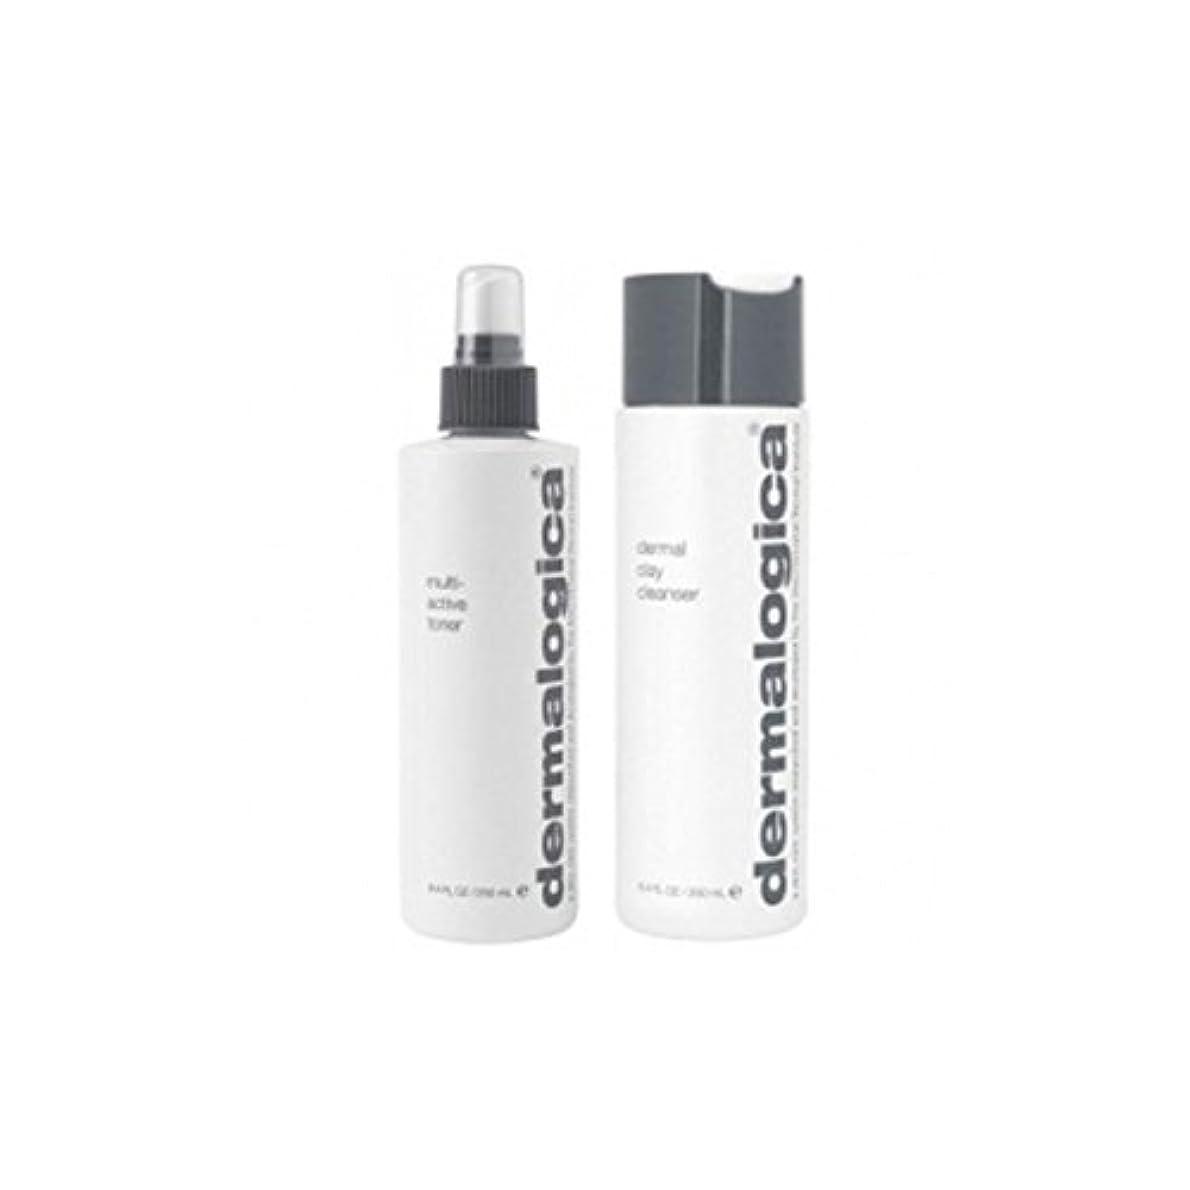 申込み砲撃出費ダーマロジカクレンジング&トーンデュオ - 脂性肌(2製品) x4 - Dermalogica Cleanse & Tone Duo - Oily Skin (2 Products) (Pack of 4) [並行輸入品]